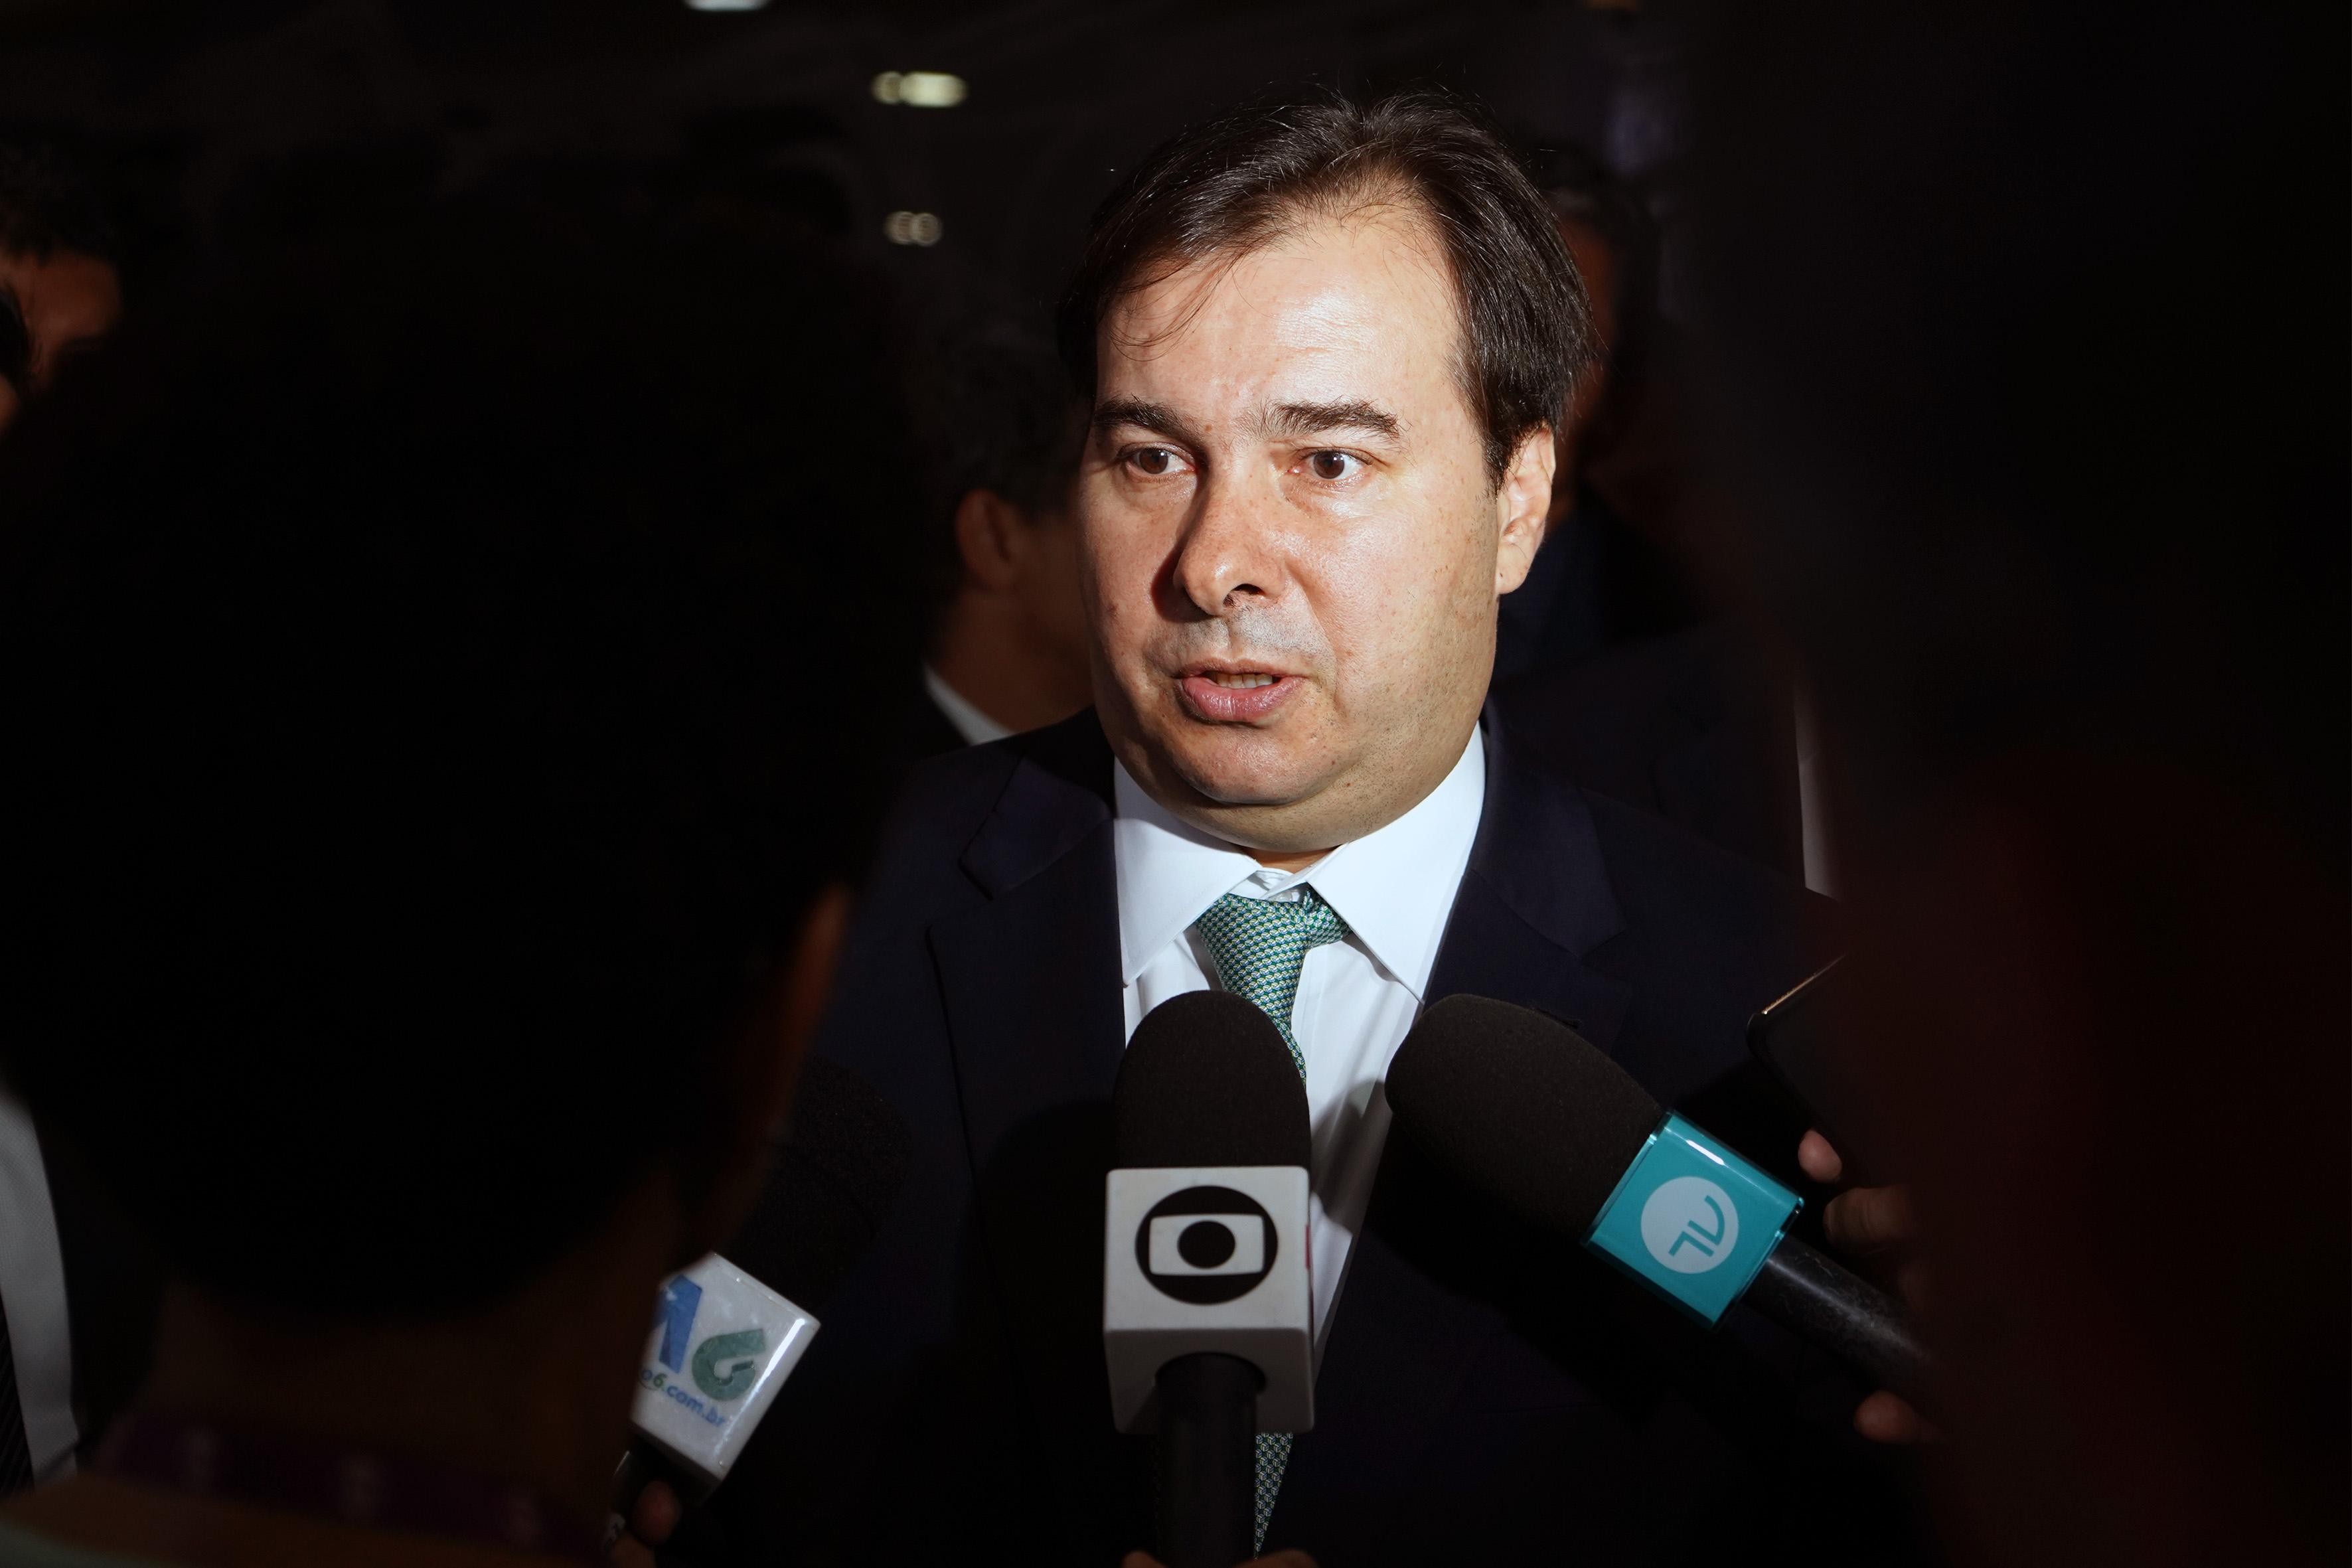 Presidente da Câmara dos Deputados, dep. Rodrigo Maia (DEM-RJ), concede entrevista